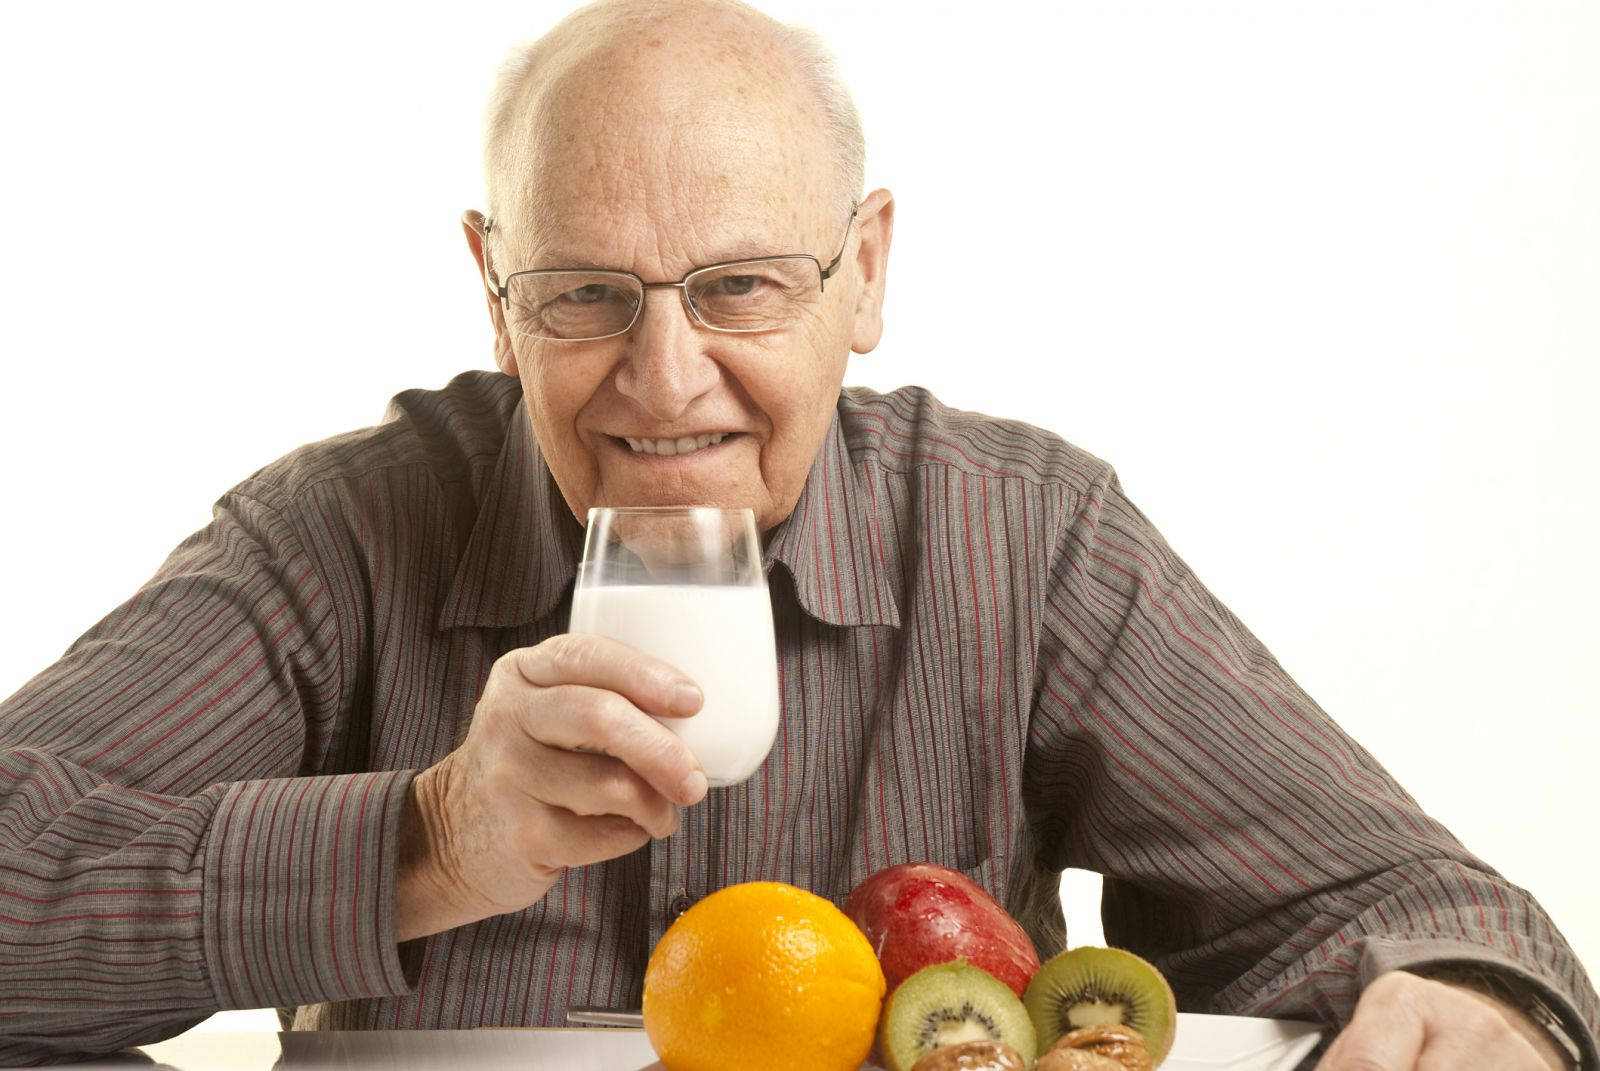 Молоко для пожилых вредно?